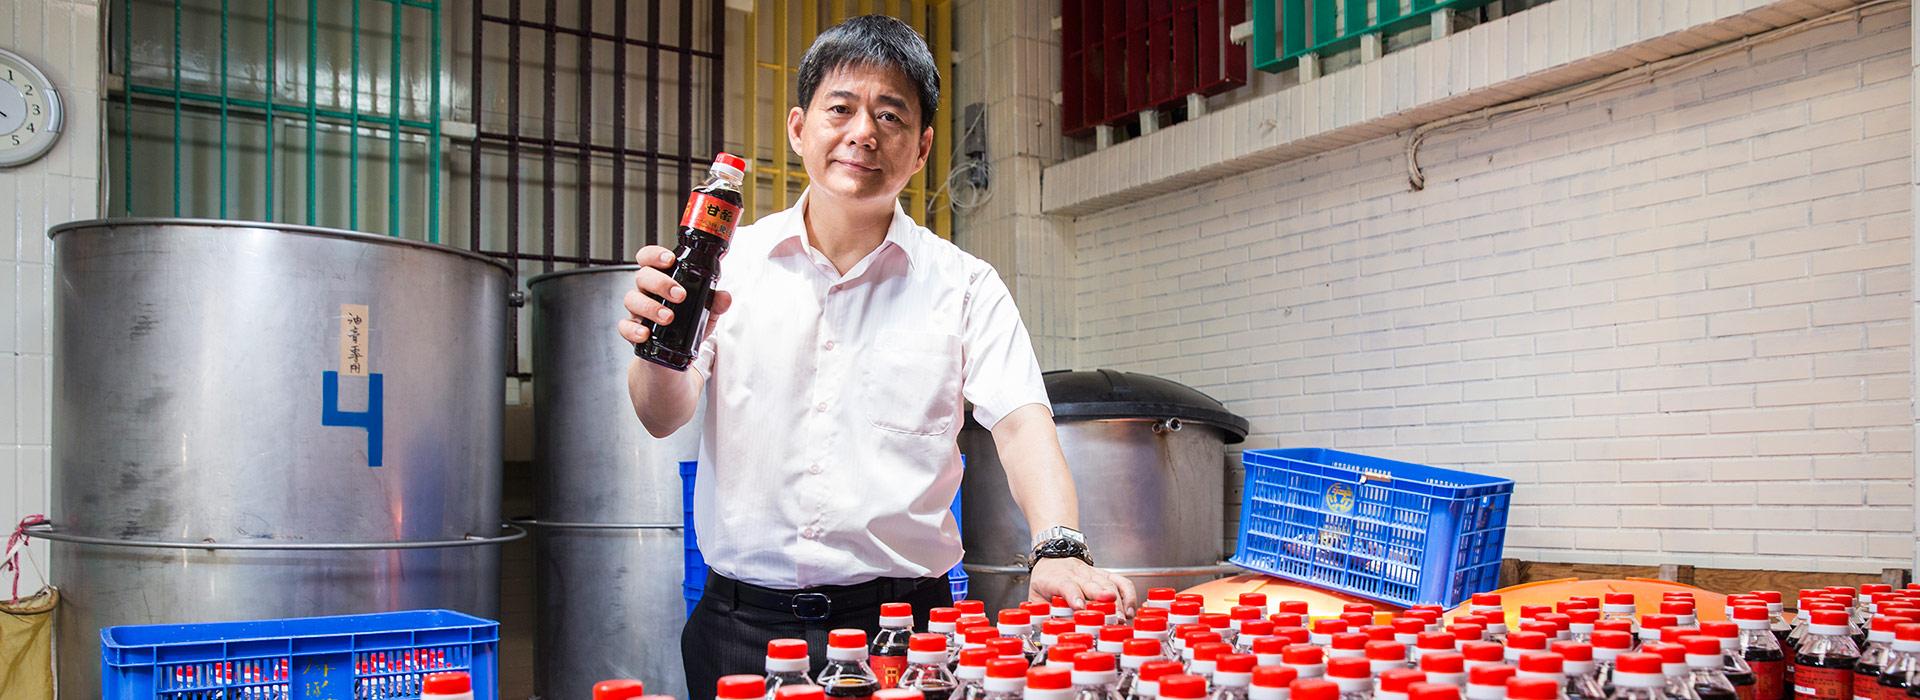 他用50元醬油  打造監獄最賺自營品牌